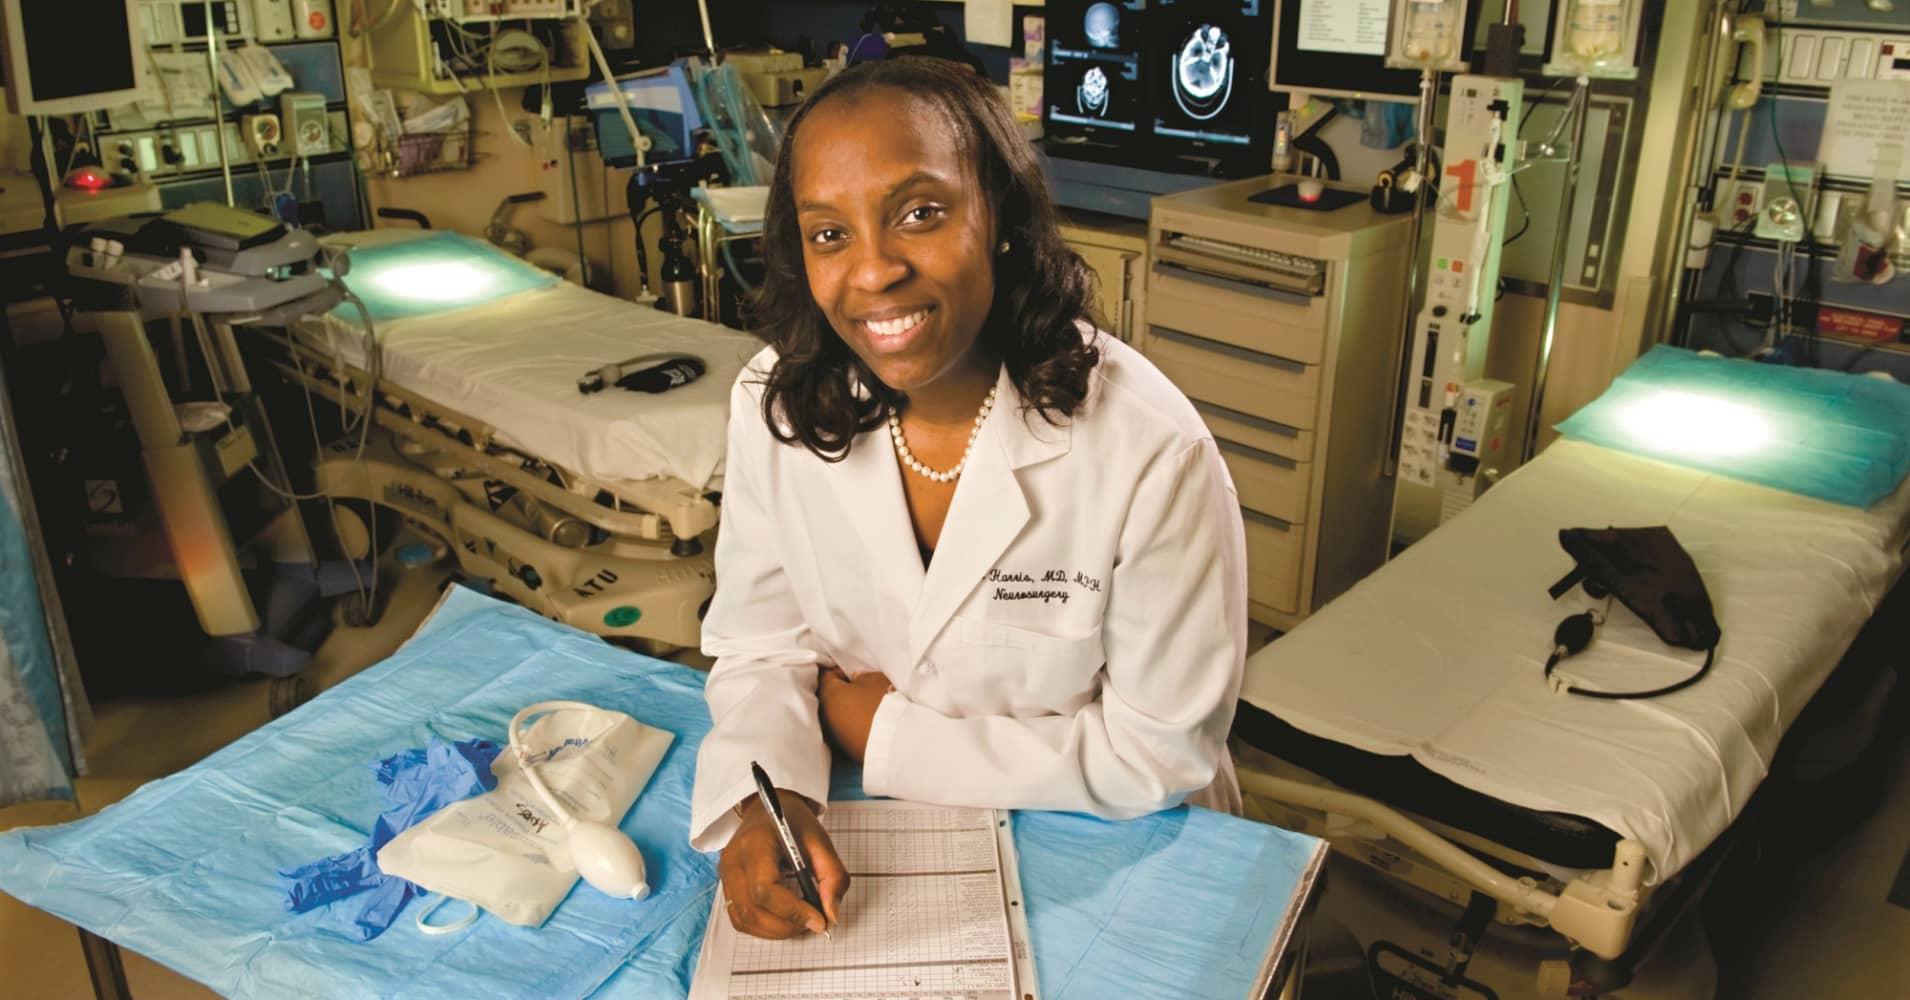 Stanford Medicine neurosurgeon Dr. Odette Harris